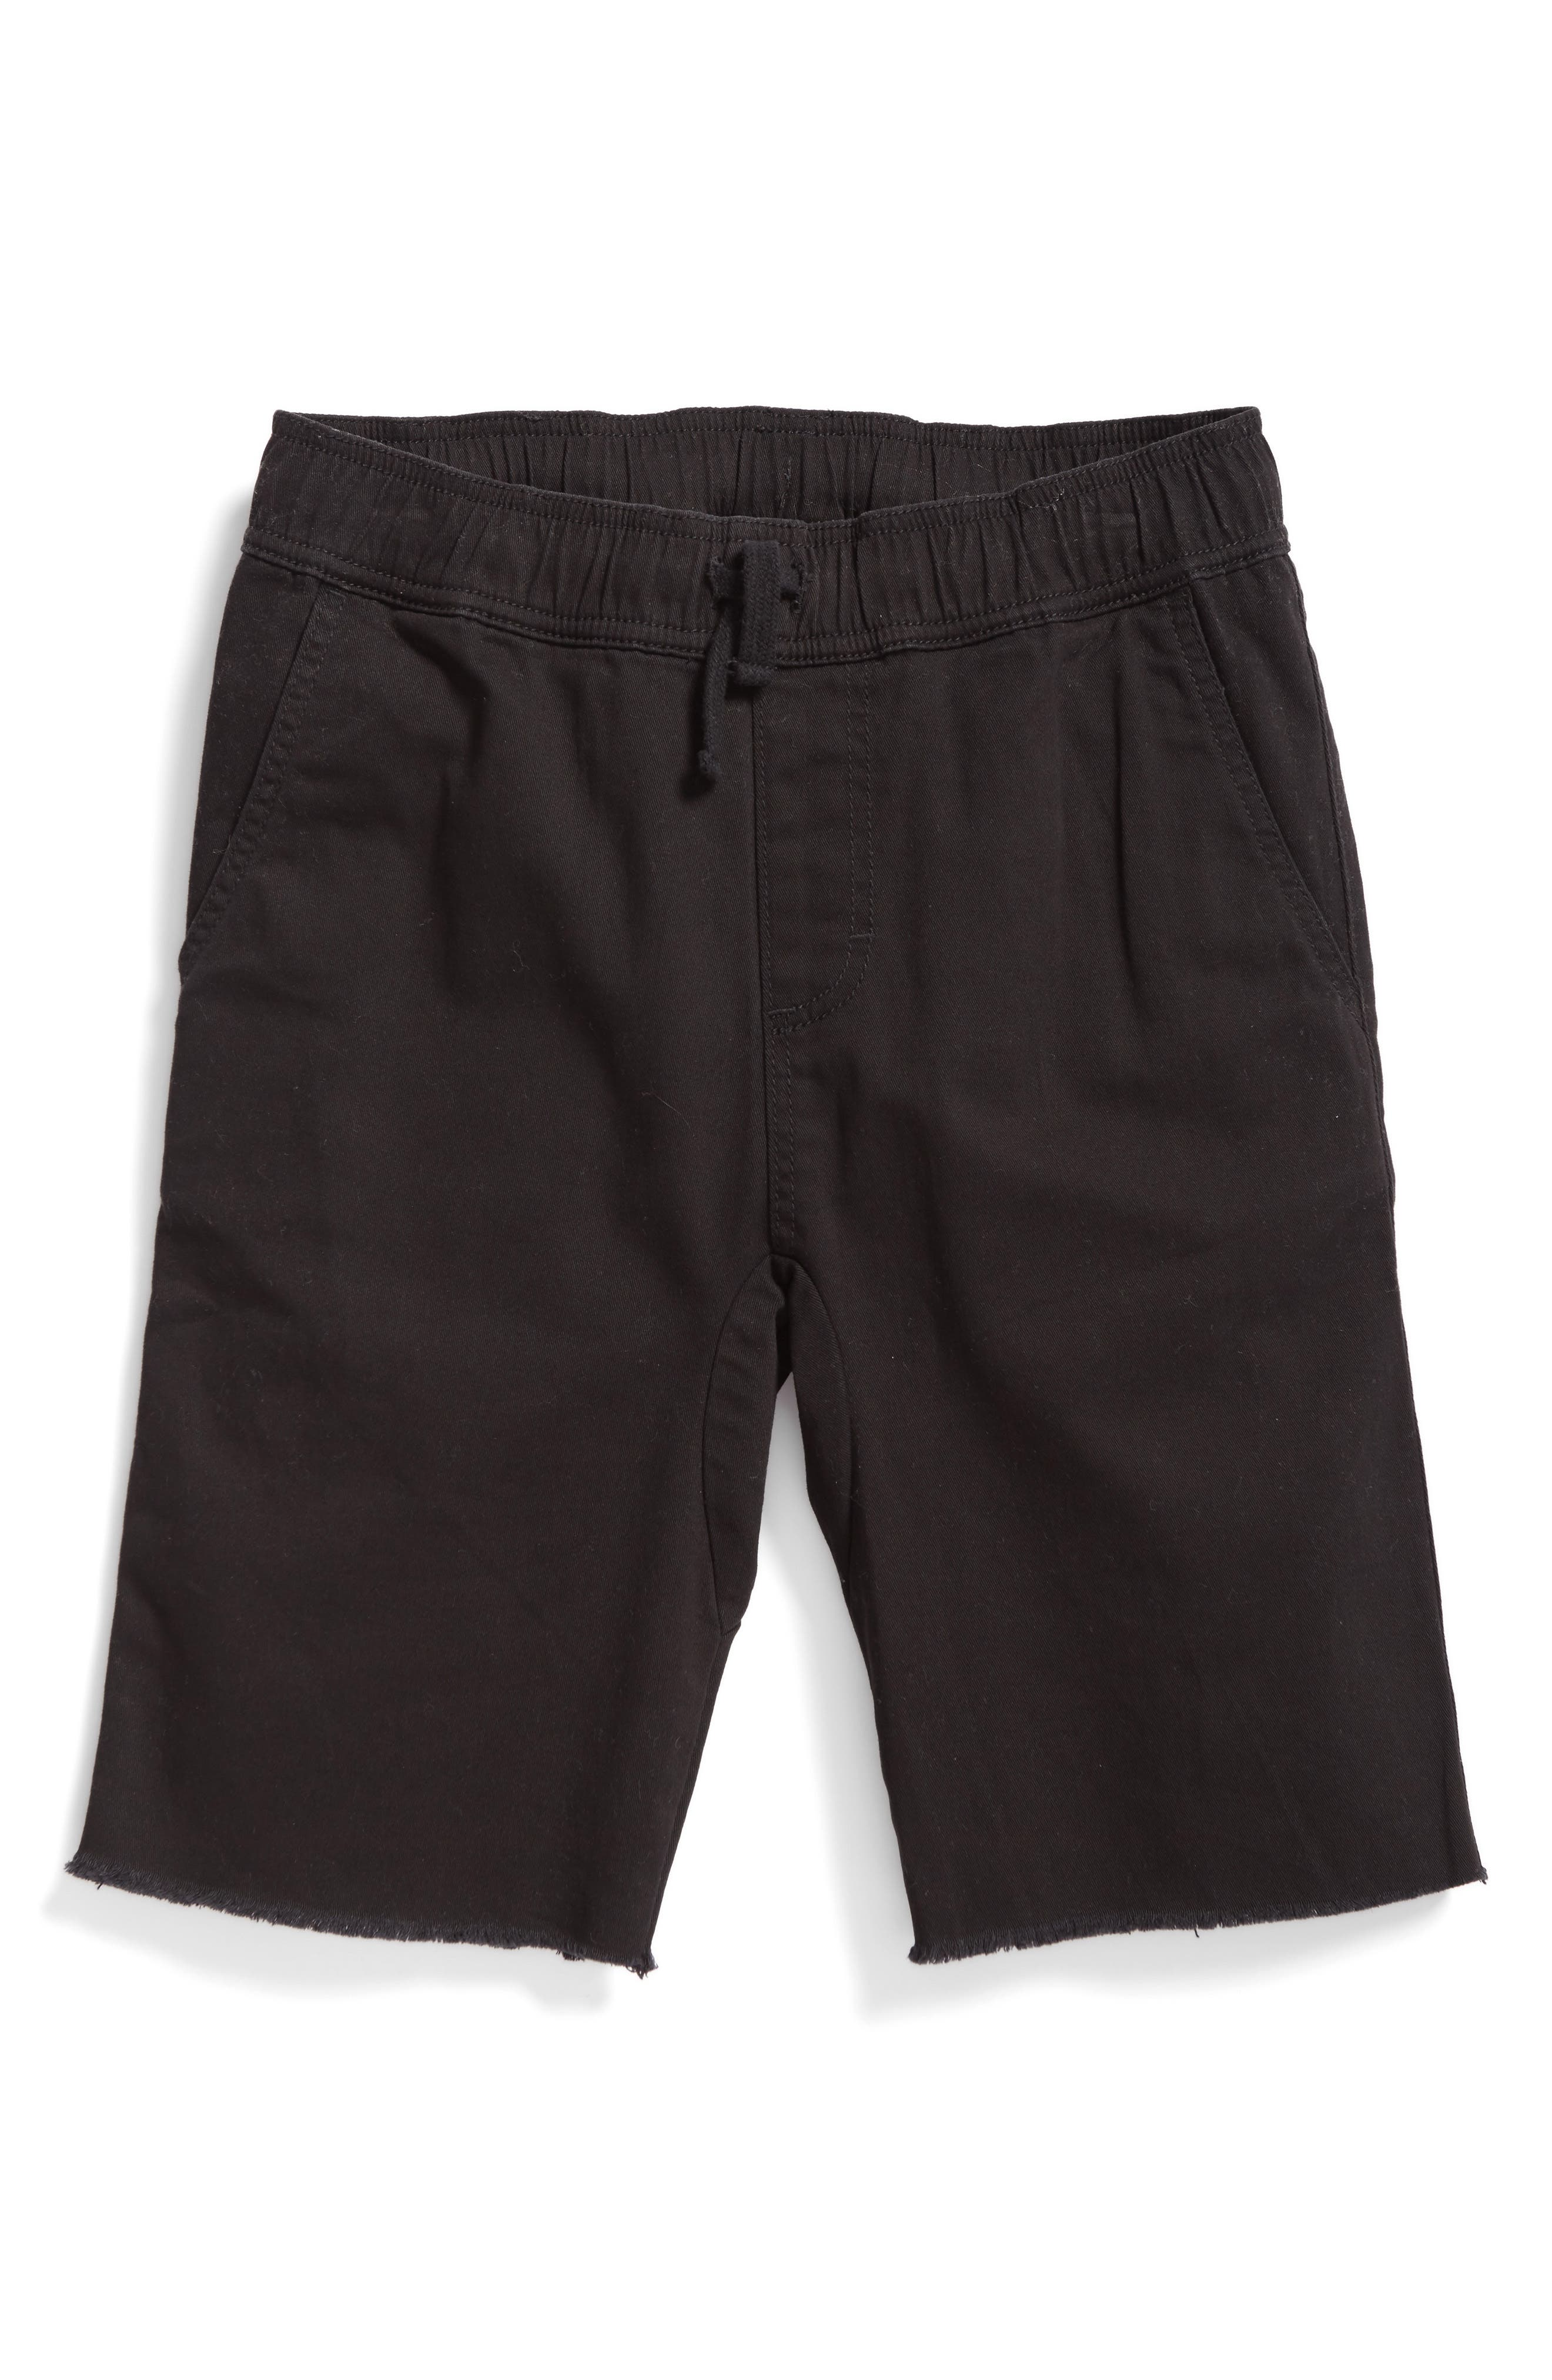 Jogger Shorts,                         Main,                         color, 001